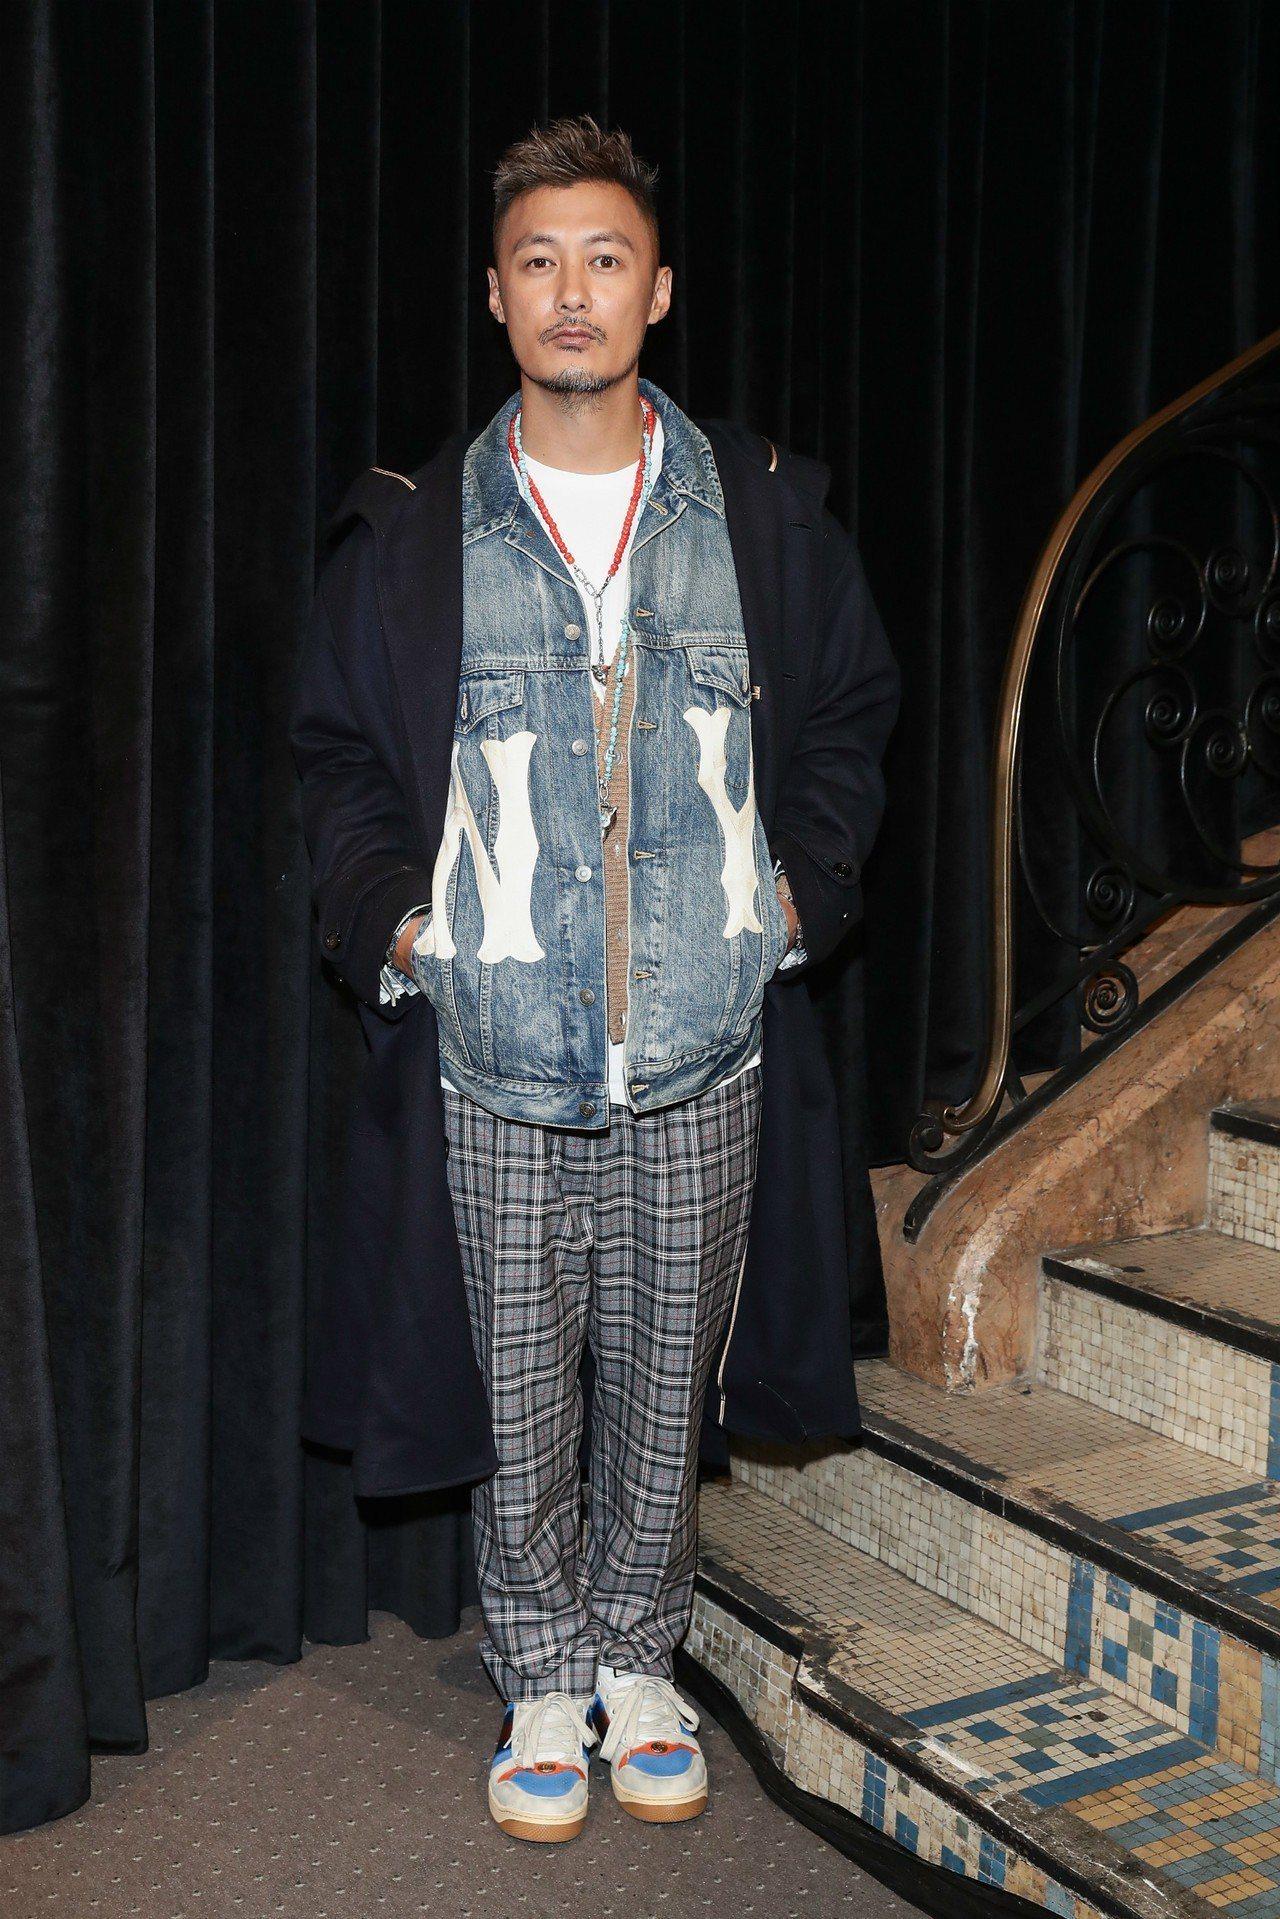 余文樂Gucci洋基牛仔外套出席2019春夏時裝秀。圖/Gucci提供